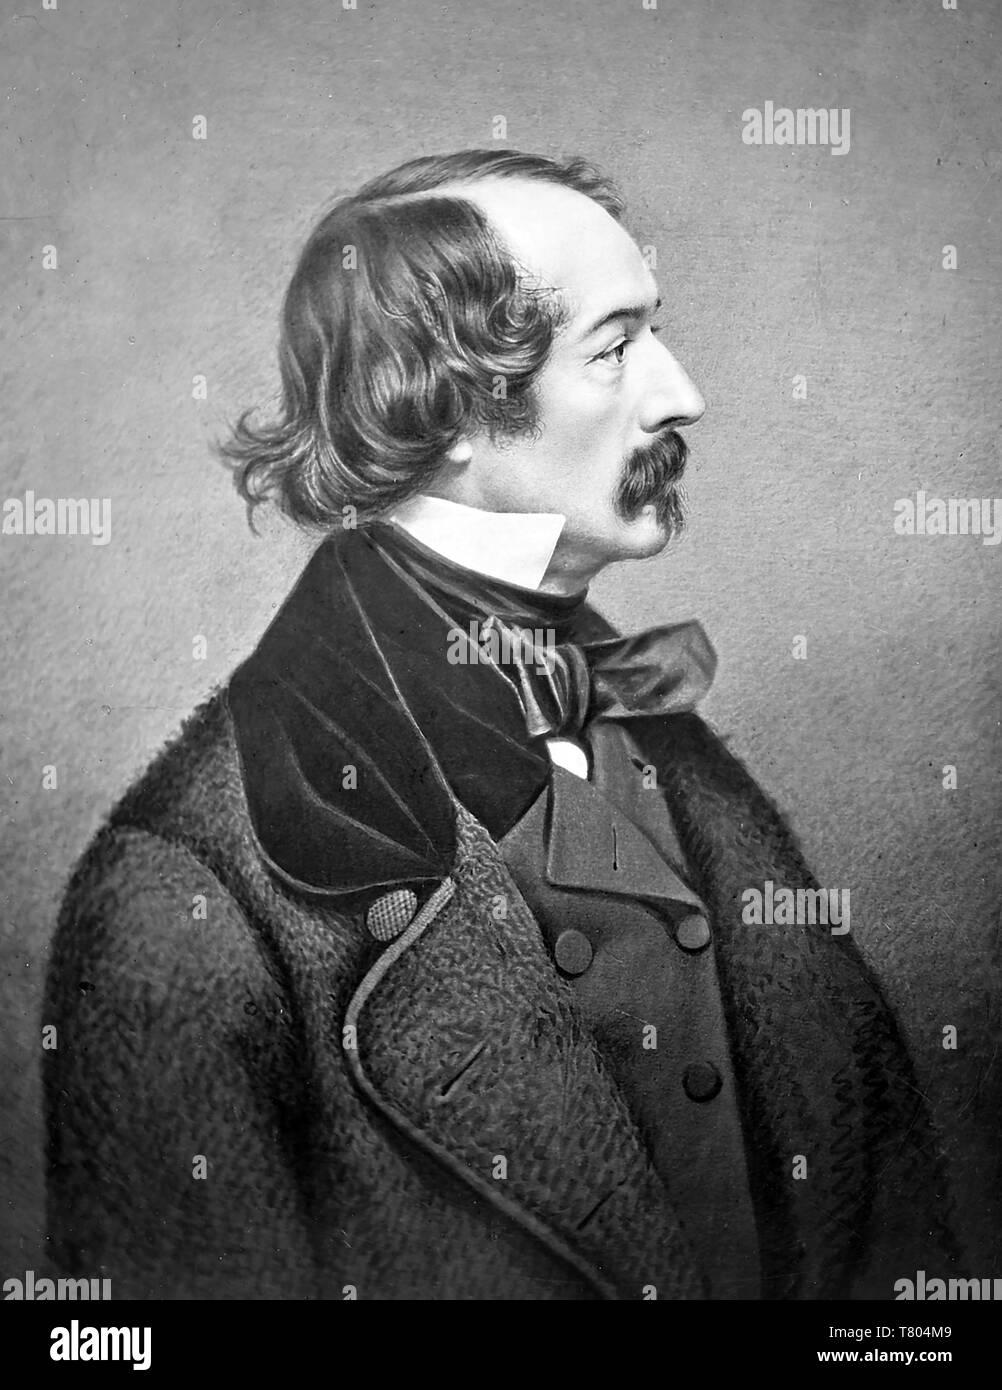 ELISHA KANE (1820-1857) American explorer and physician - Stock Image